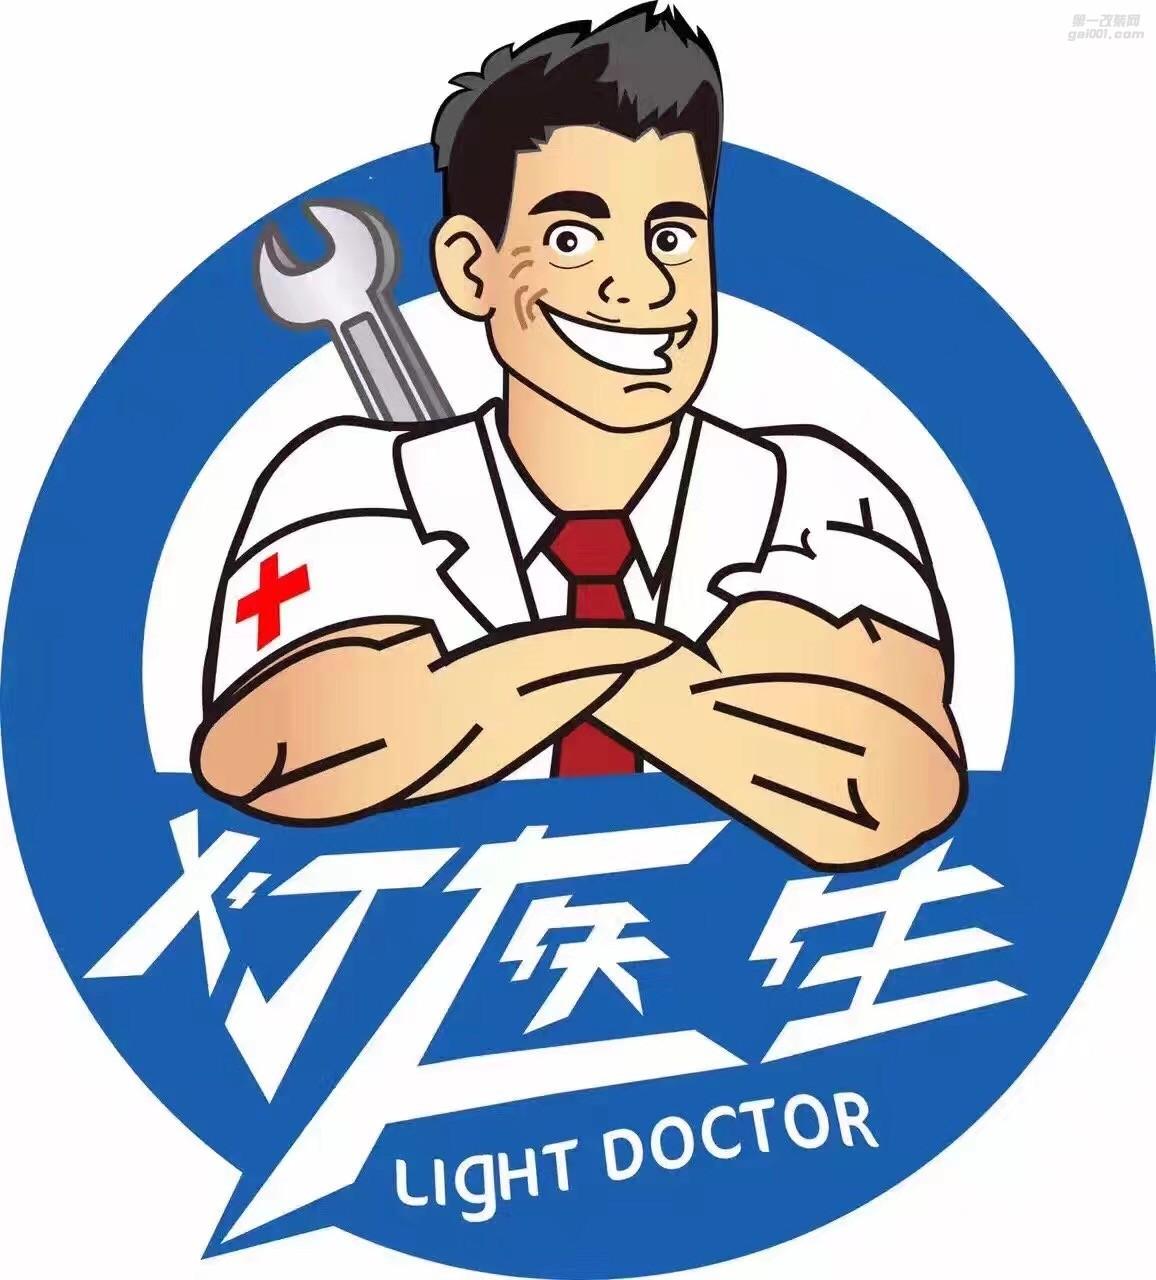 长春灯医生车灯服务中心